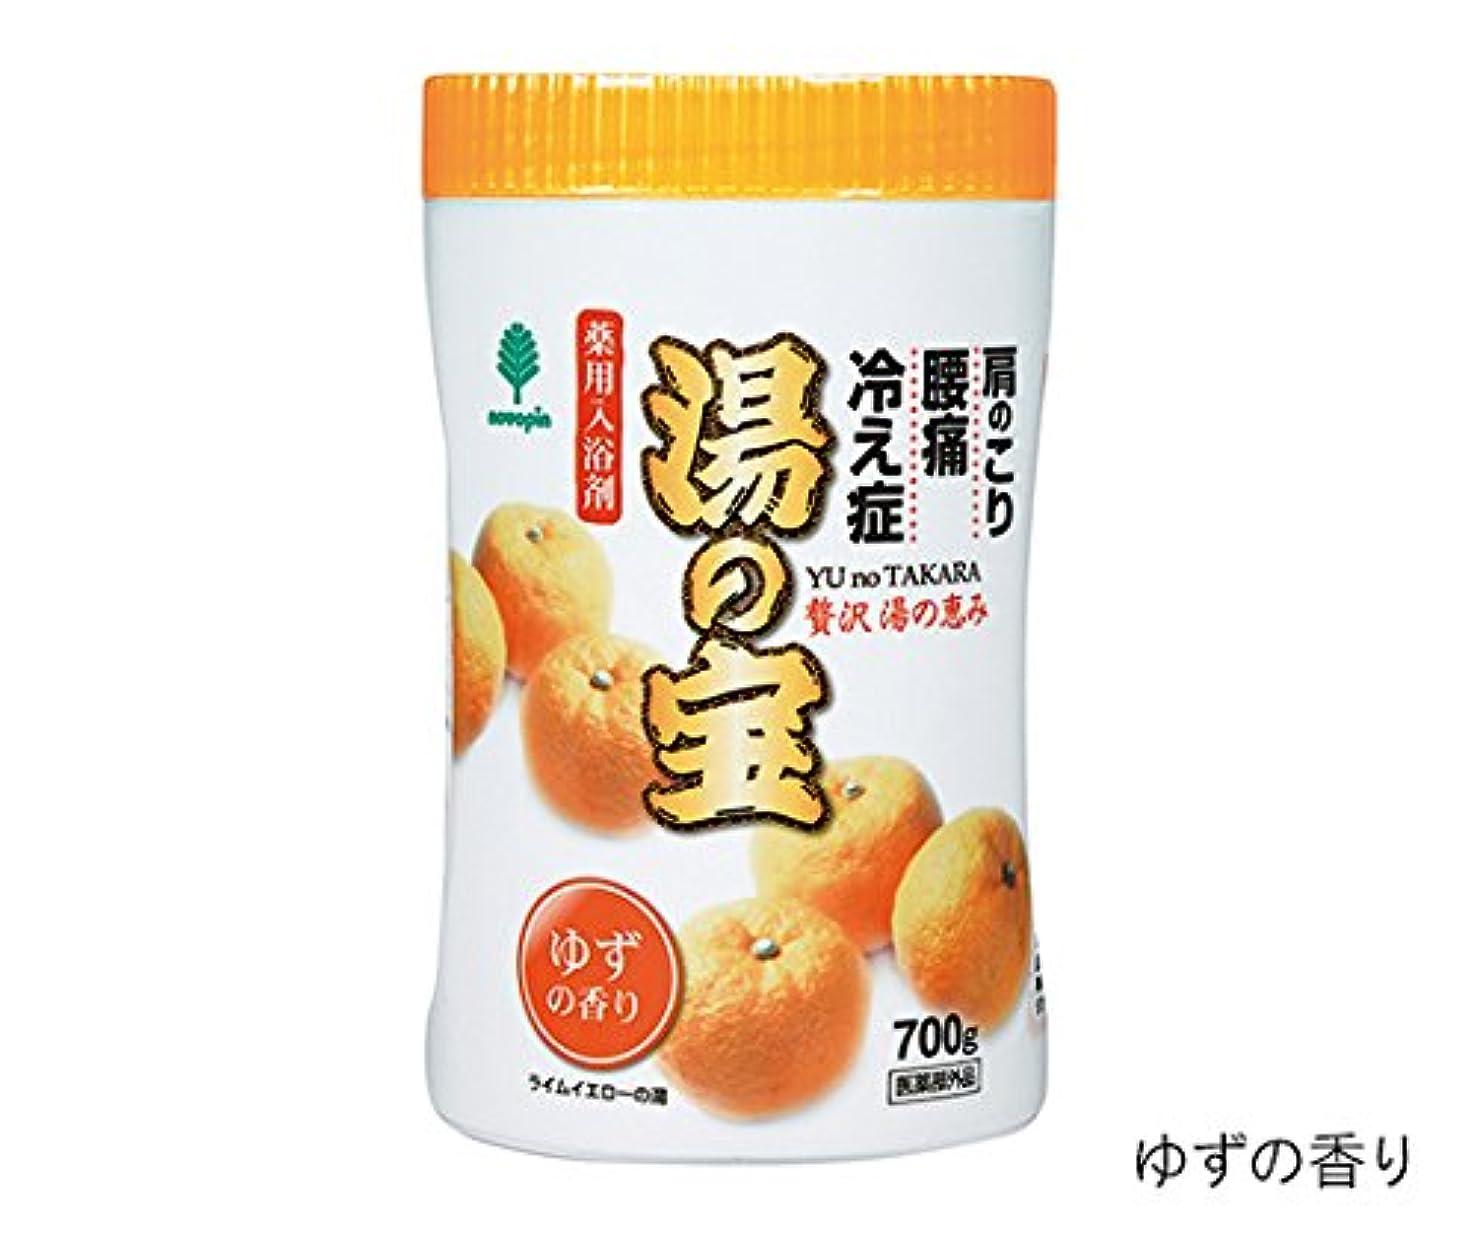 アクセサリーピクニックをする飢え紀陽除虫菊7-2542-03入浴剤(湯の宝)ラベンダーの香り700g